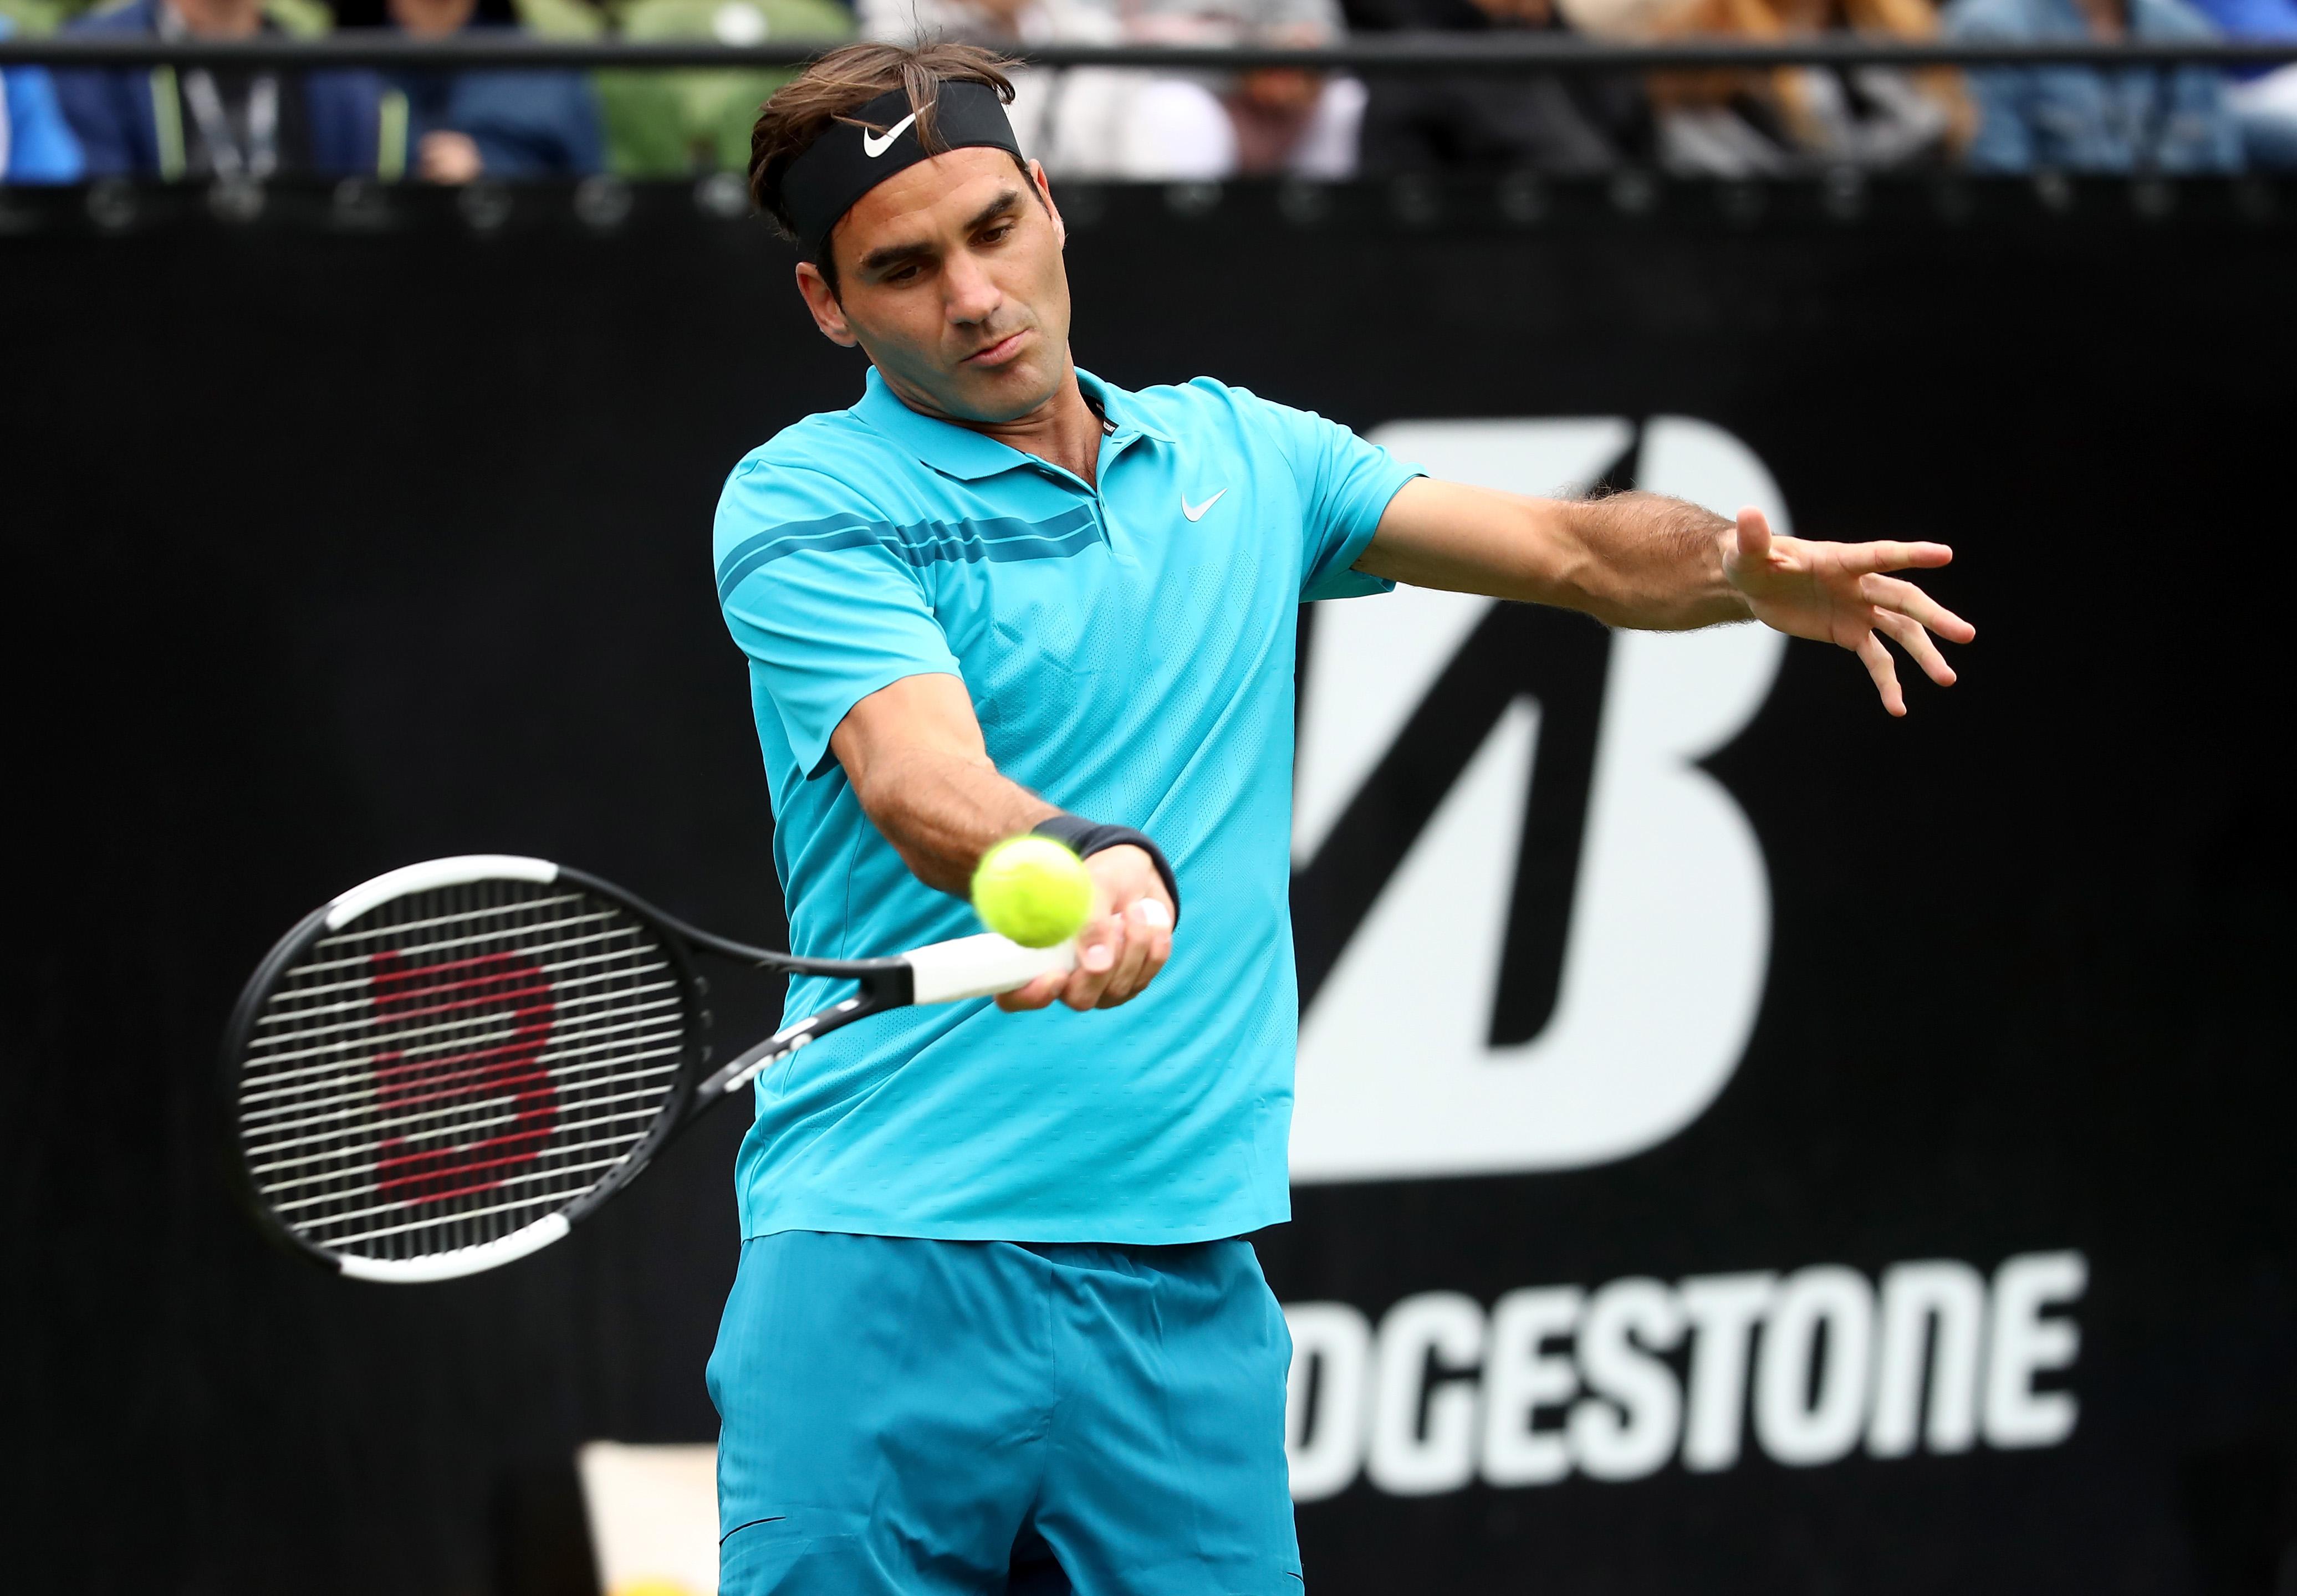 Federer Makes Winning Start to Grass Court Season in Stuttgart